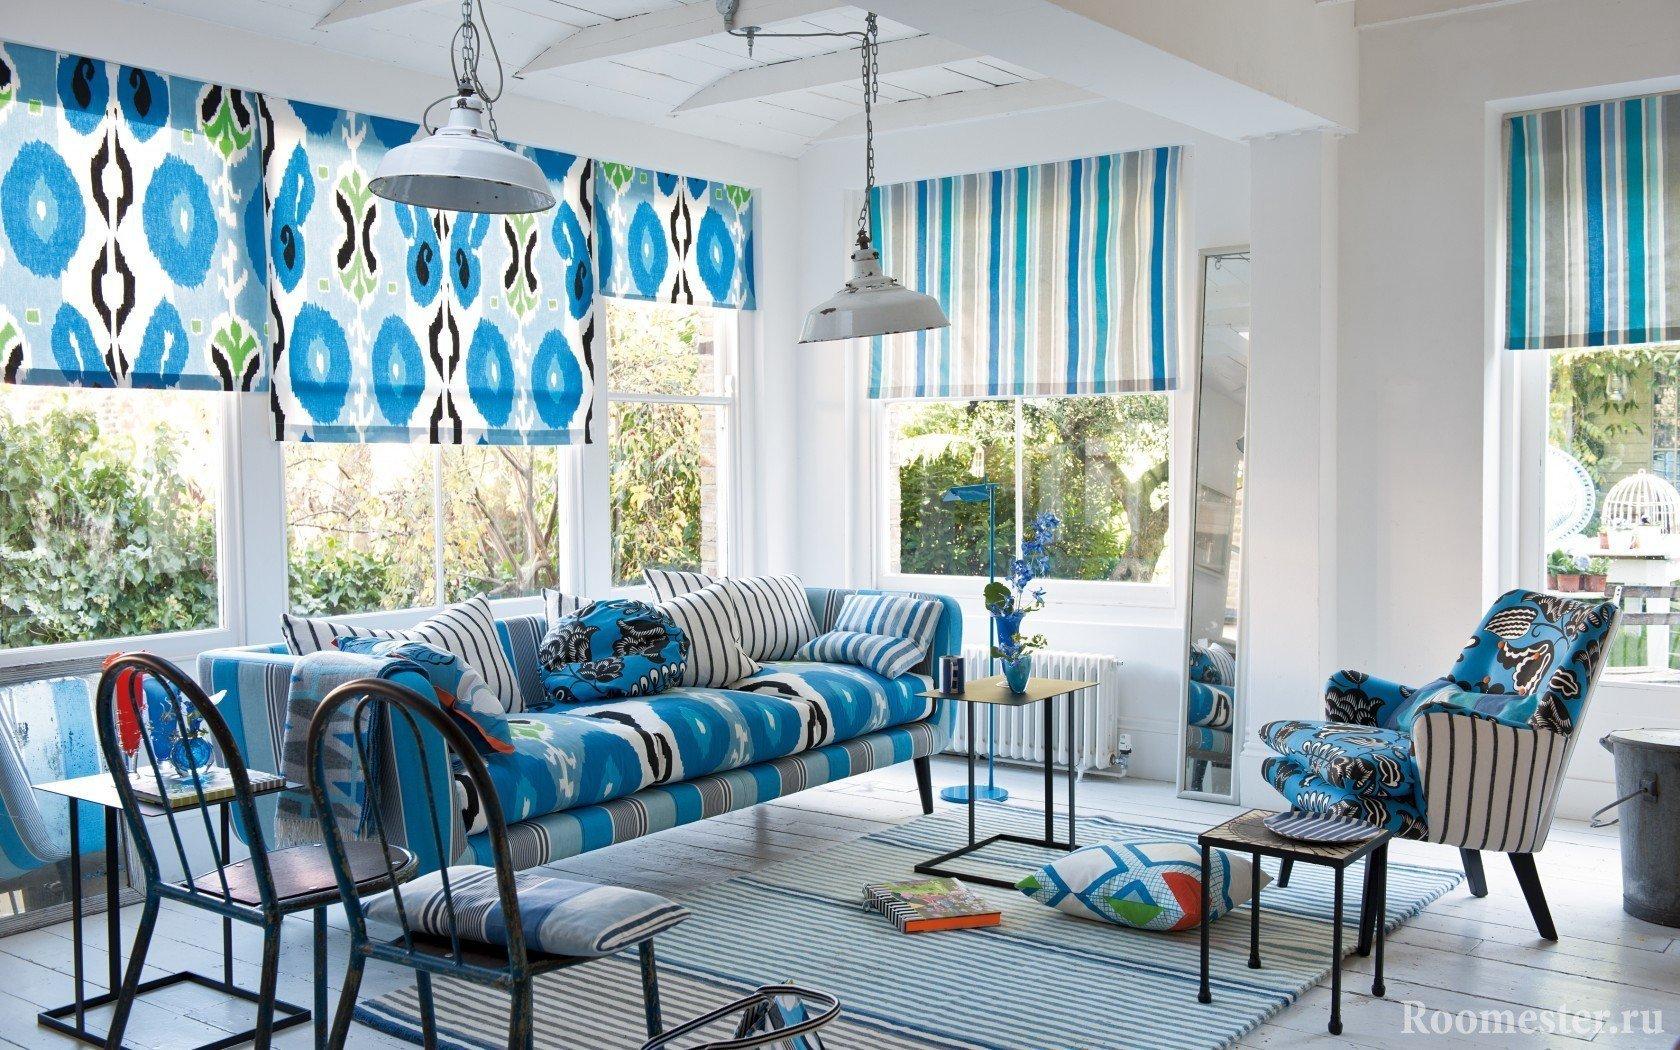 Шторы и мебель с оттенками голубого